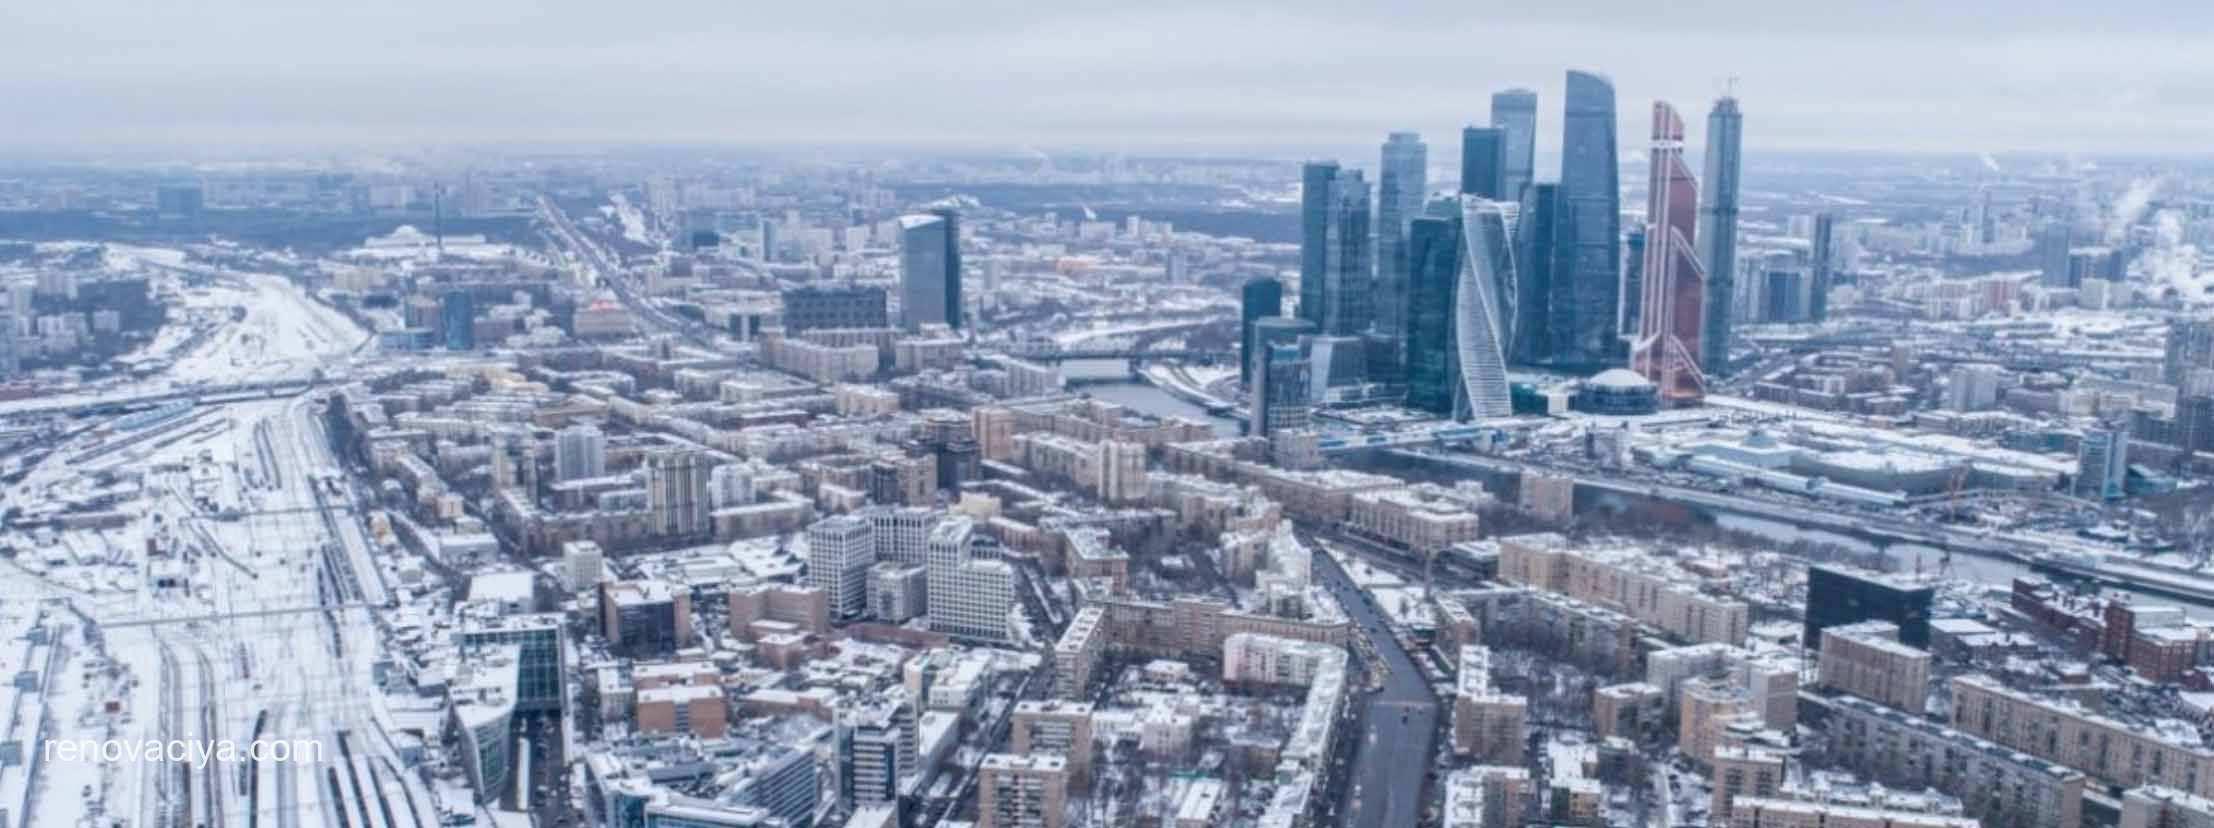 реновация и транспортное развитие Москвы